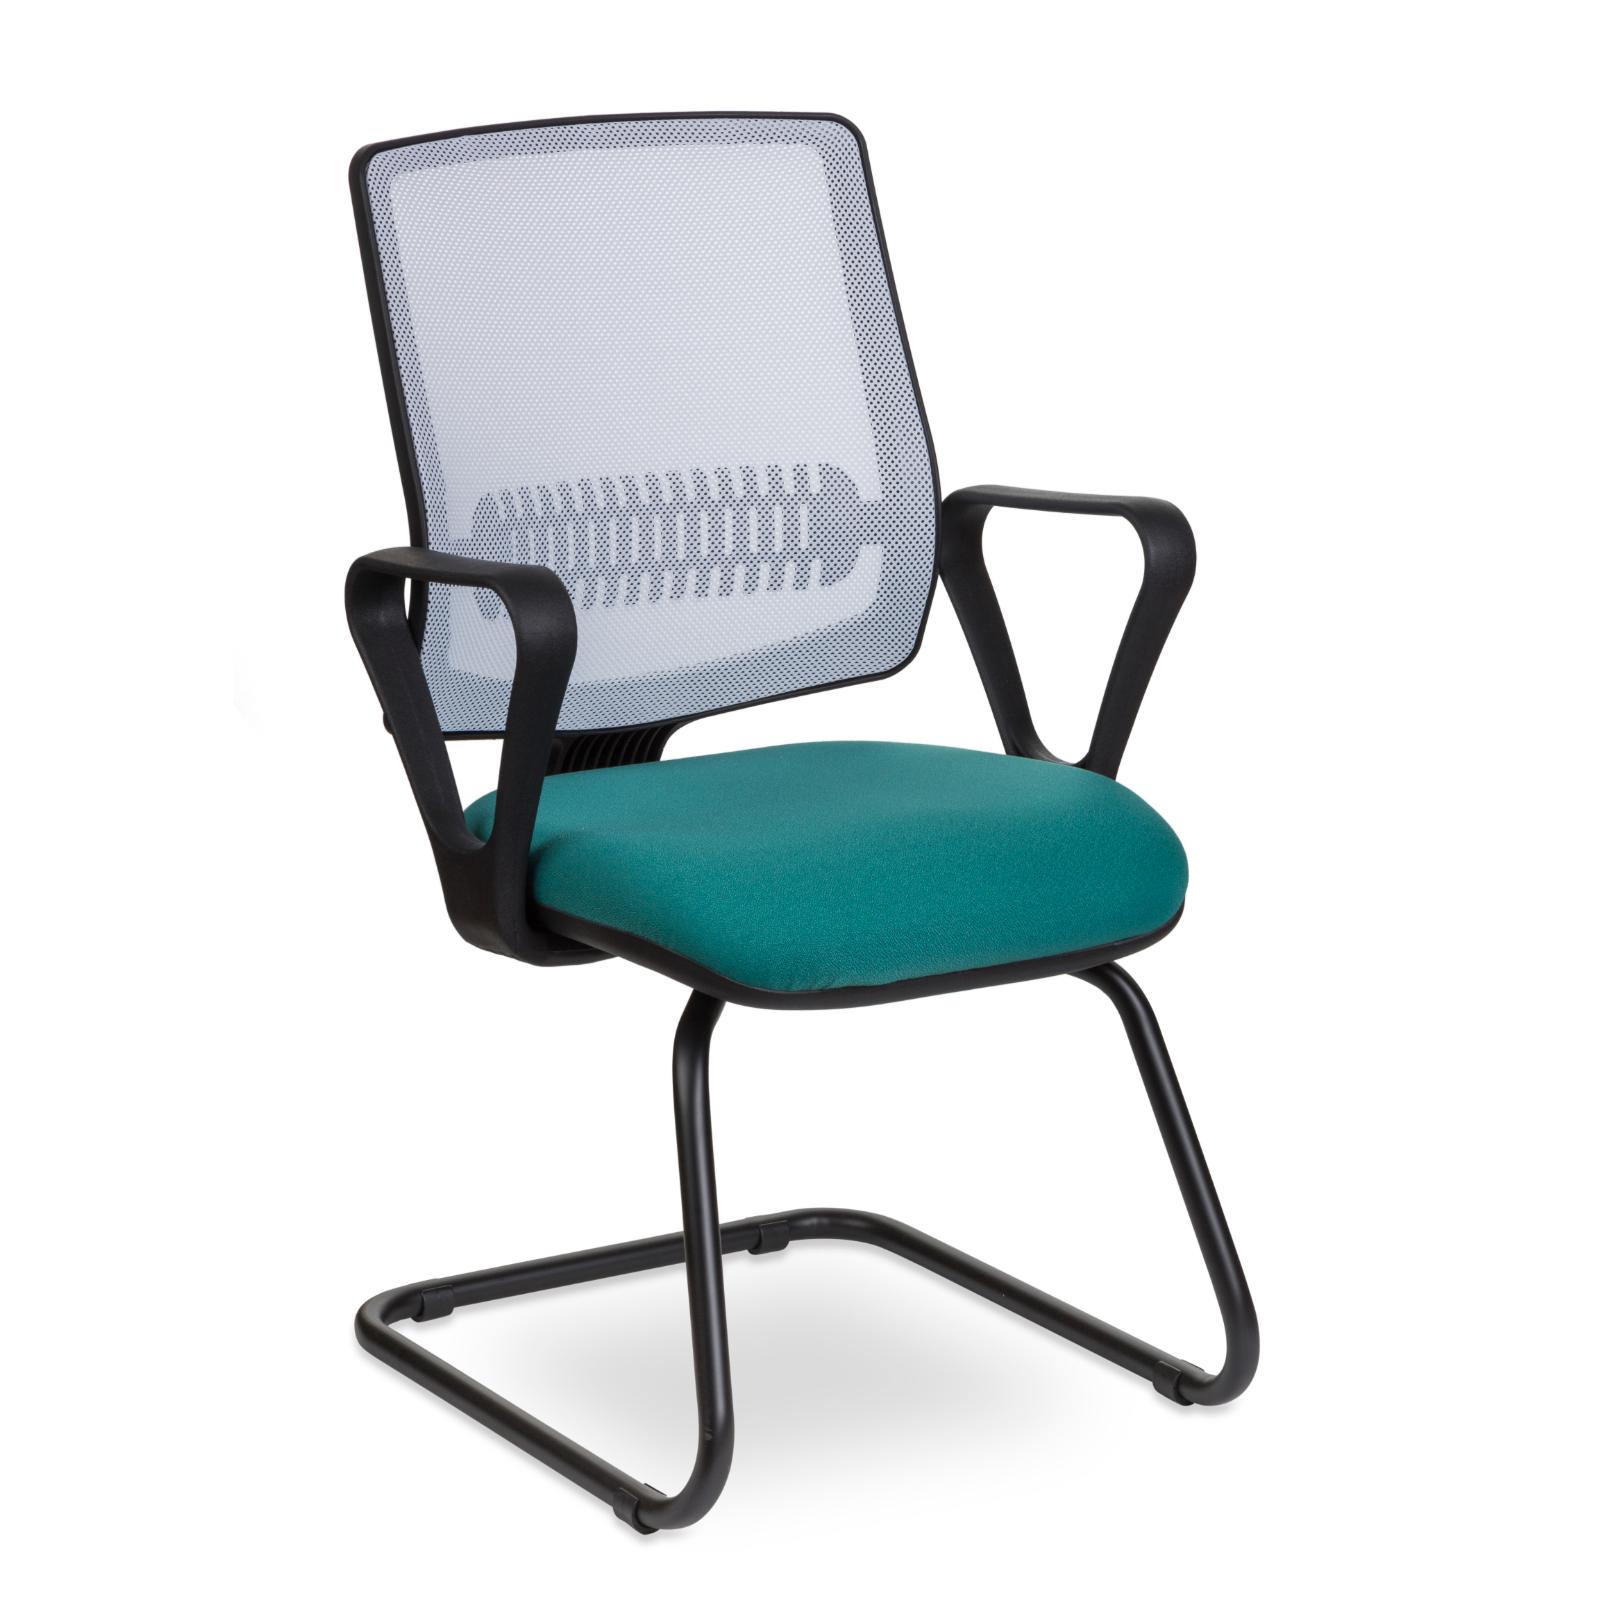 cadeira uni us white n green